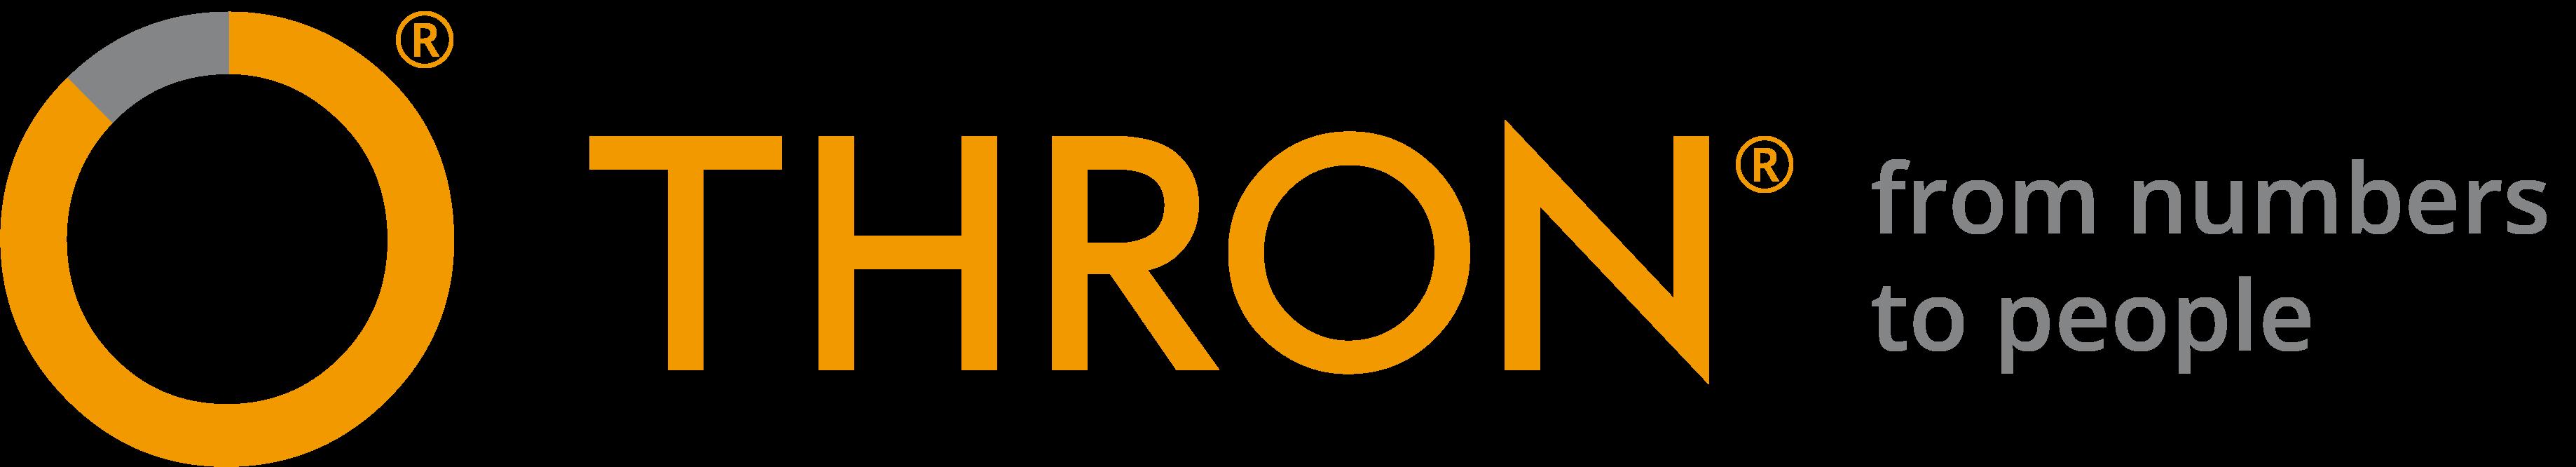 thron_logo_orizzonatale